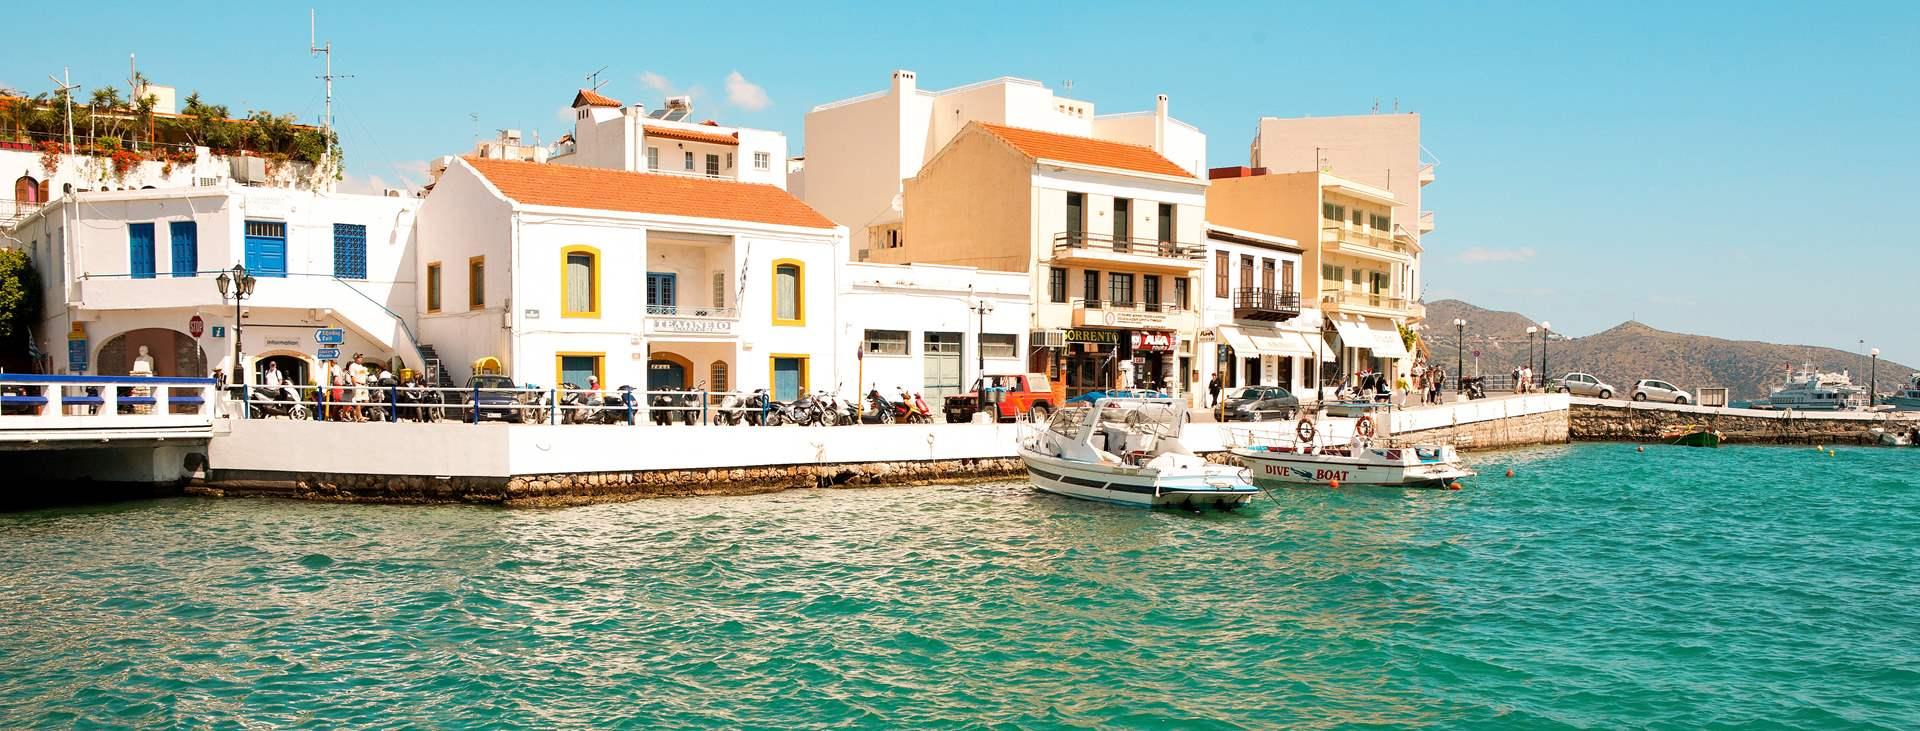 Boka en resa till Agios Nikolaos i Grekland med Ving